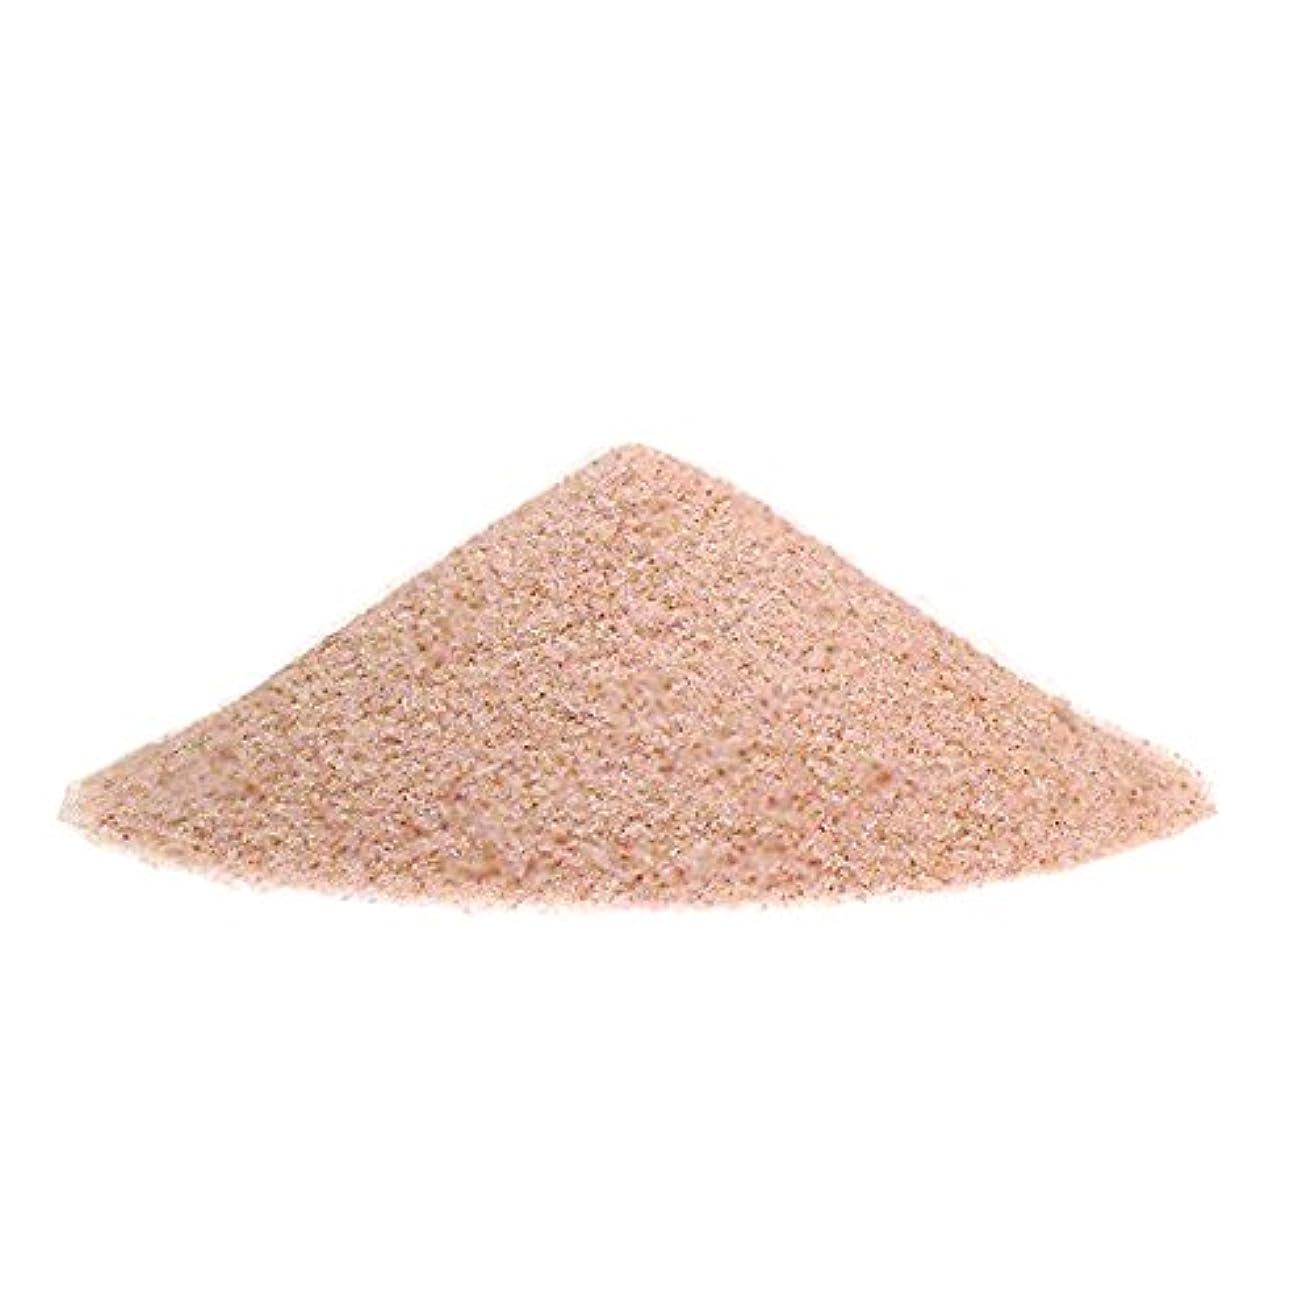 申し立てるみなさんくるくるヒマラヤ岩塩 ピンクソルト 入浴用 バスソルト(微粒パウダー)5kg ピンク岩塩